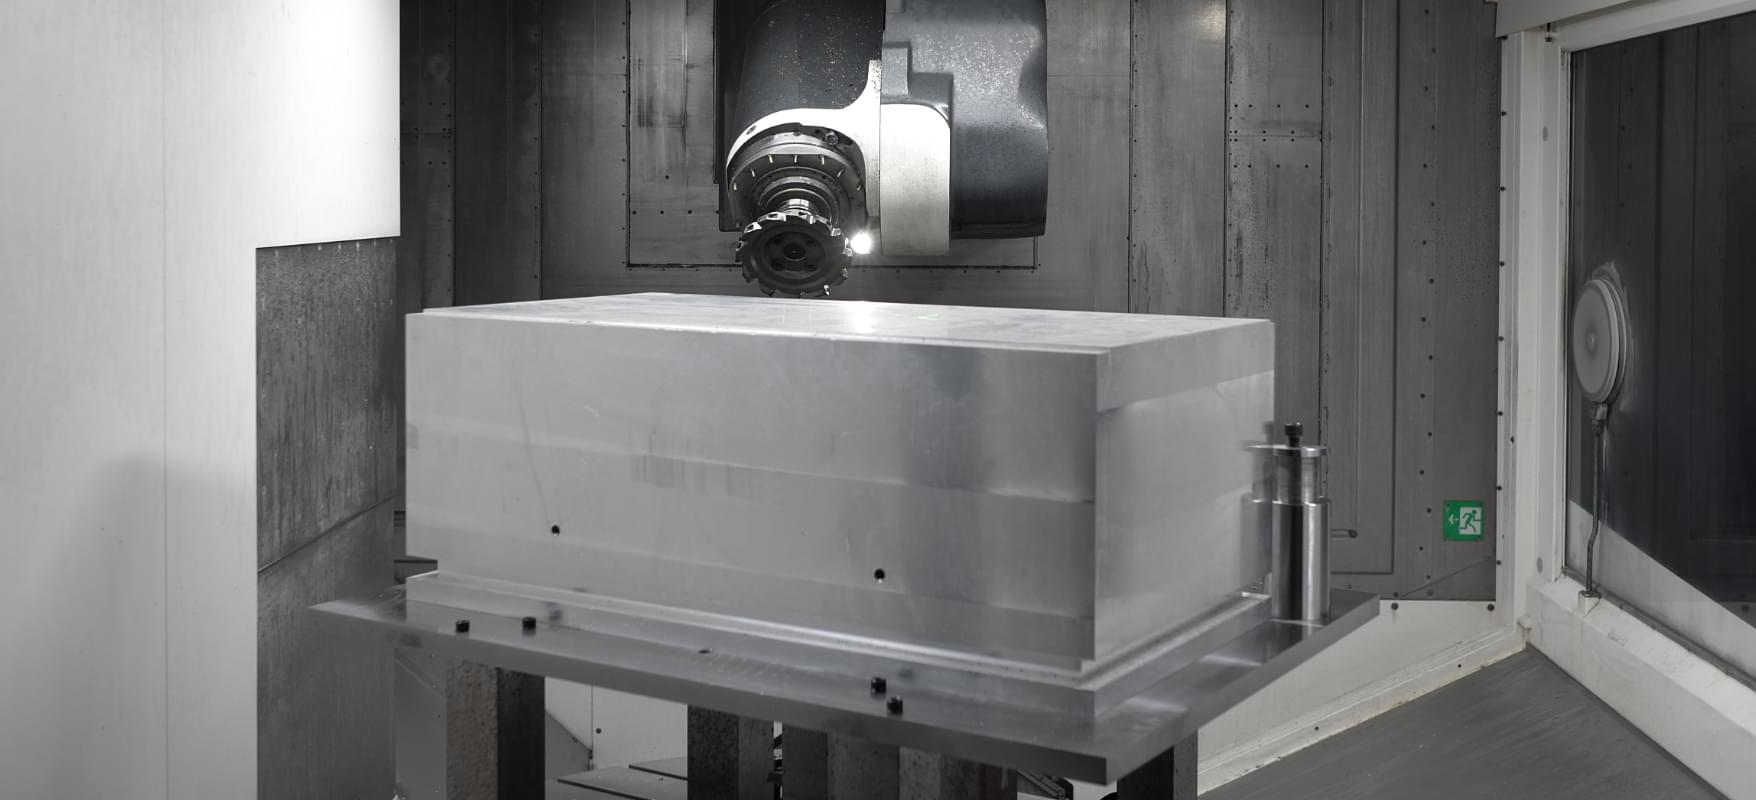 最新鋭の5軸加工機を用いて最大φ1600×1100まで対応可能